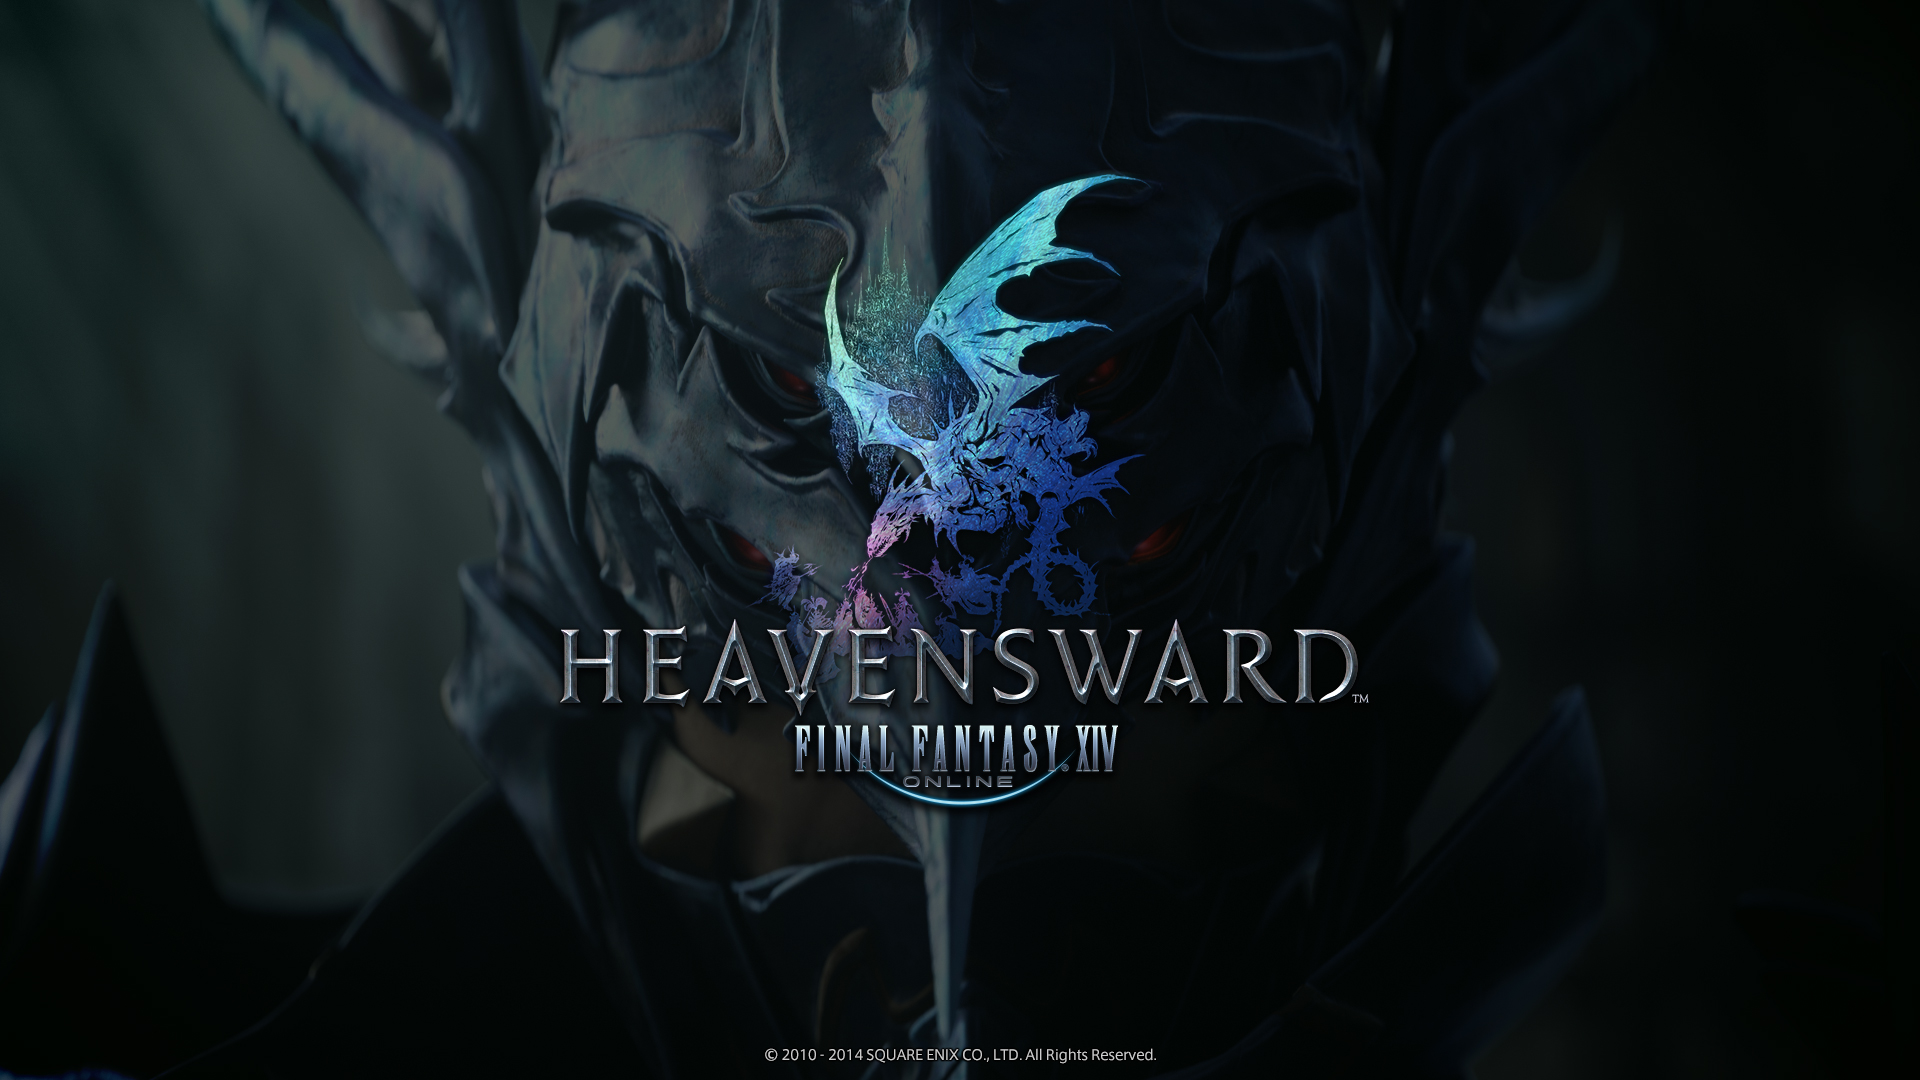 Final Fantasy Xiv Heavensward Coming Spring 2015 10 19 2014